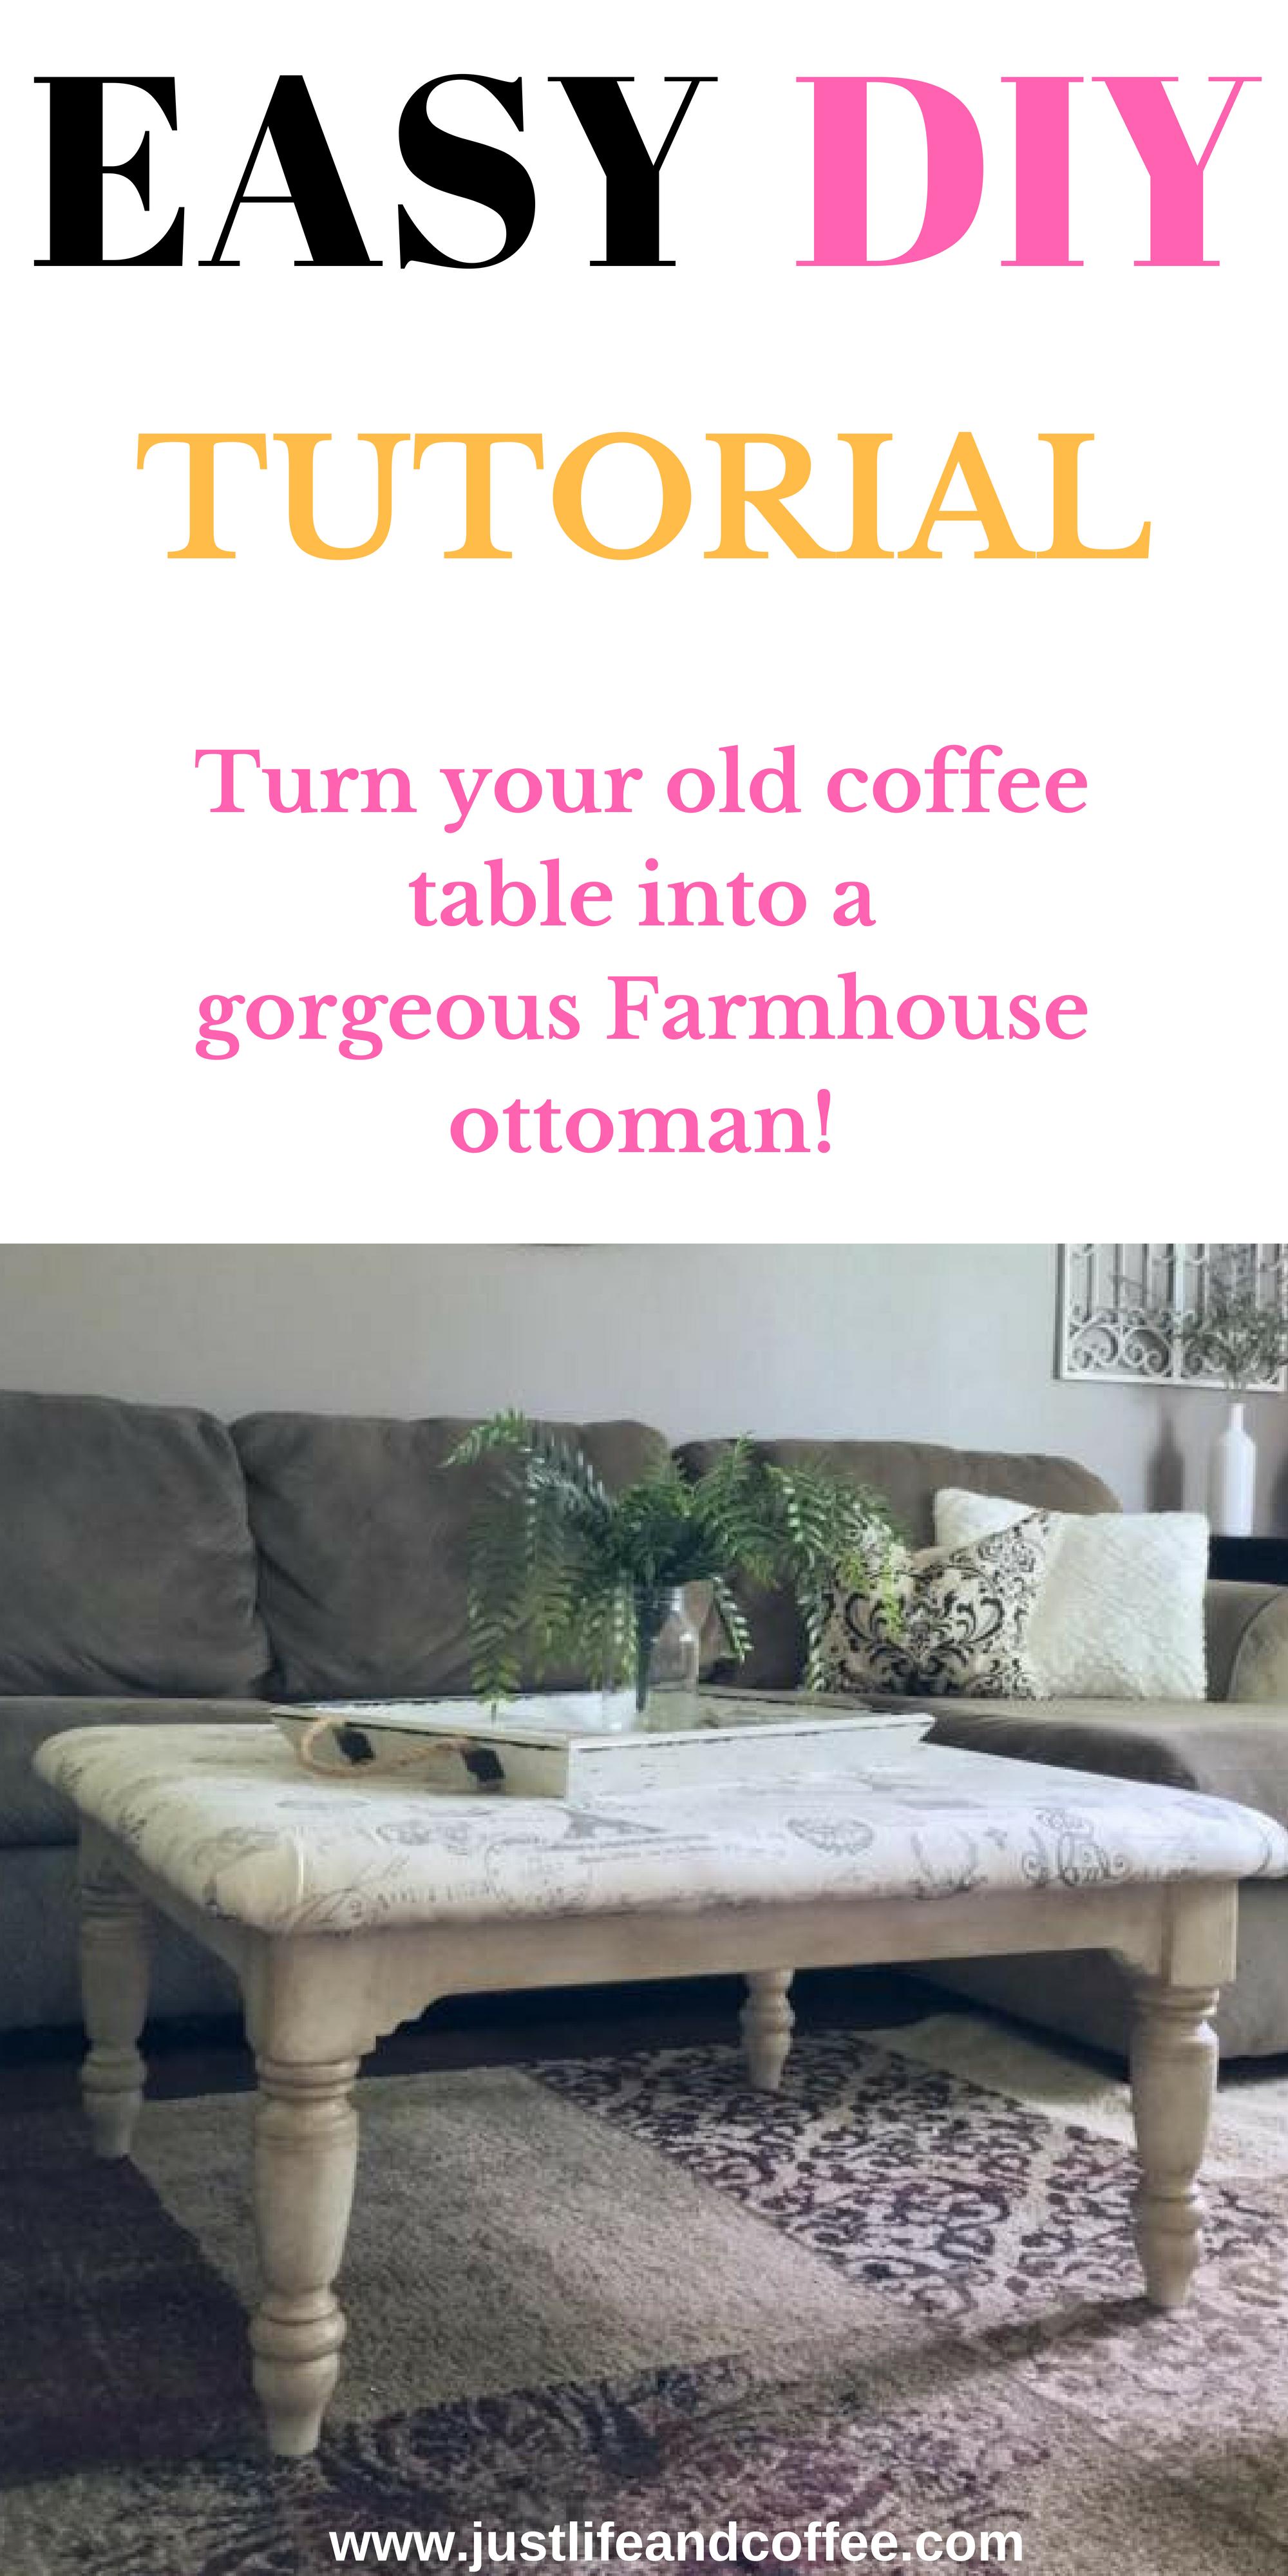 Diy Farmhouse Coffee Table Ottoman Easy Tutorial Just Life And Coffee Diy Farmhouse Coffee Table Diy Ottoman Coffee Table Old Coffee Tables [ 4000 x 2000 Pixel ]